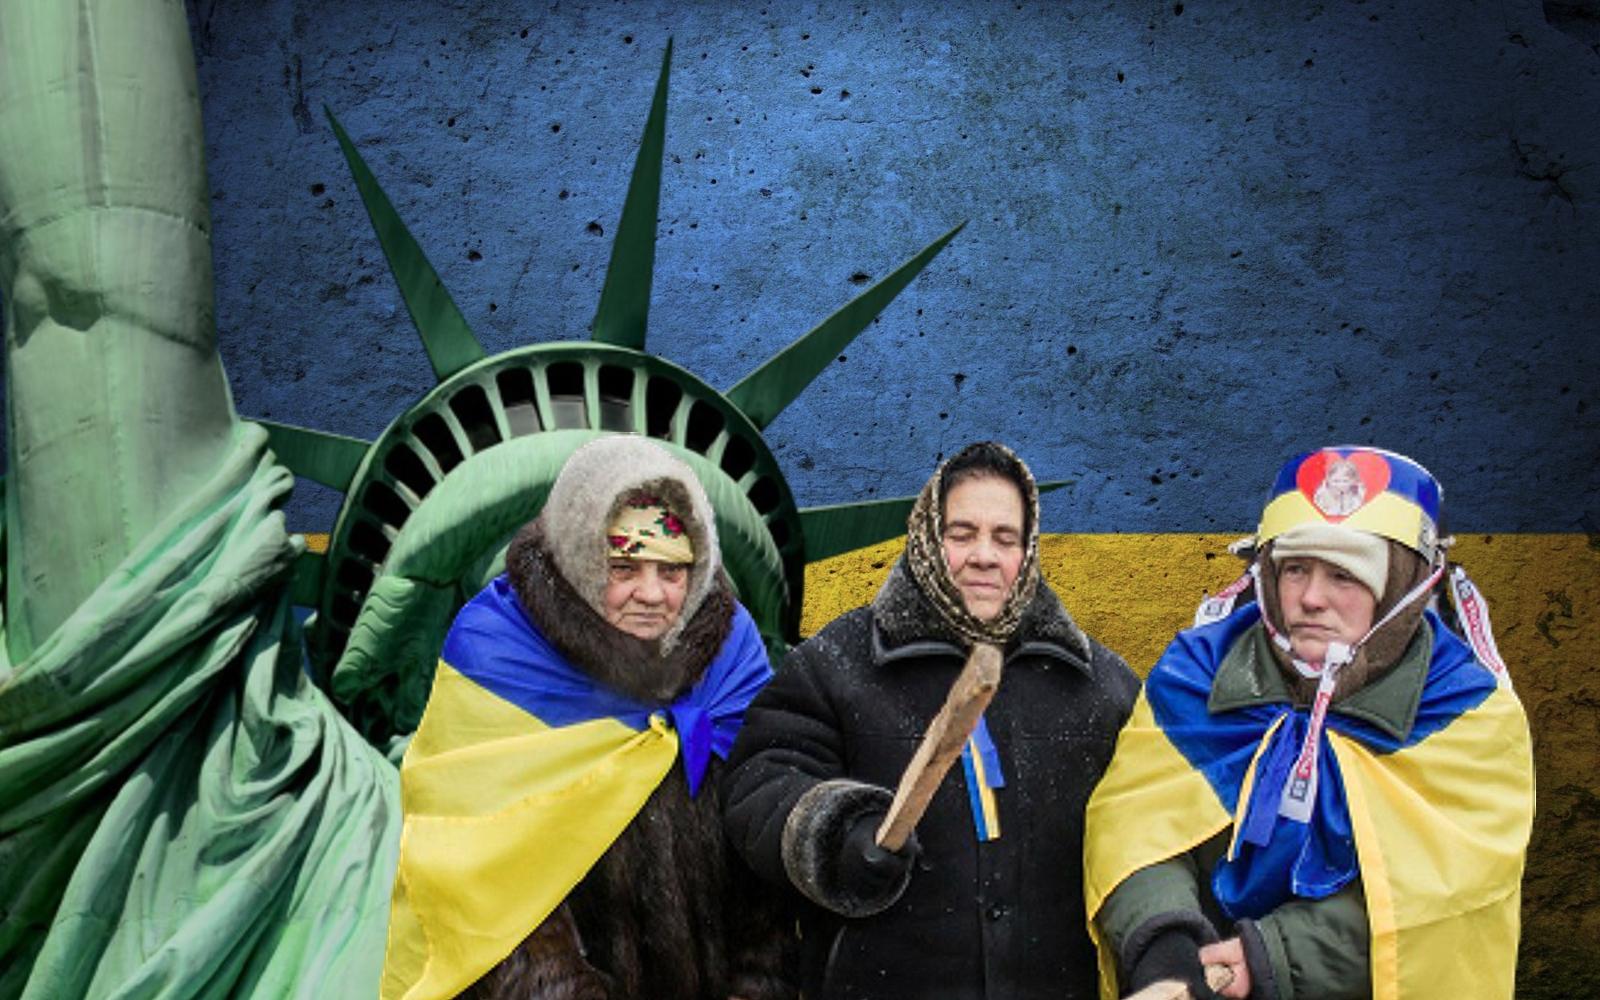 Украина теряет самобытность и людей в погоне за «украинской» идеей